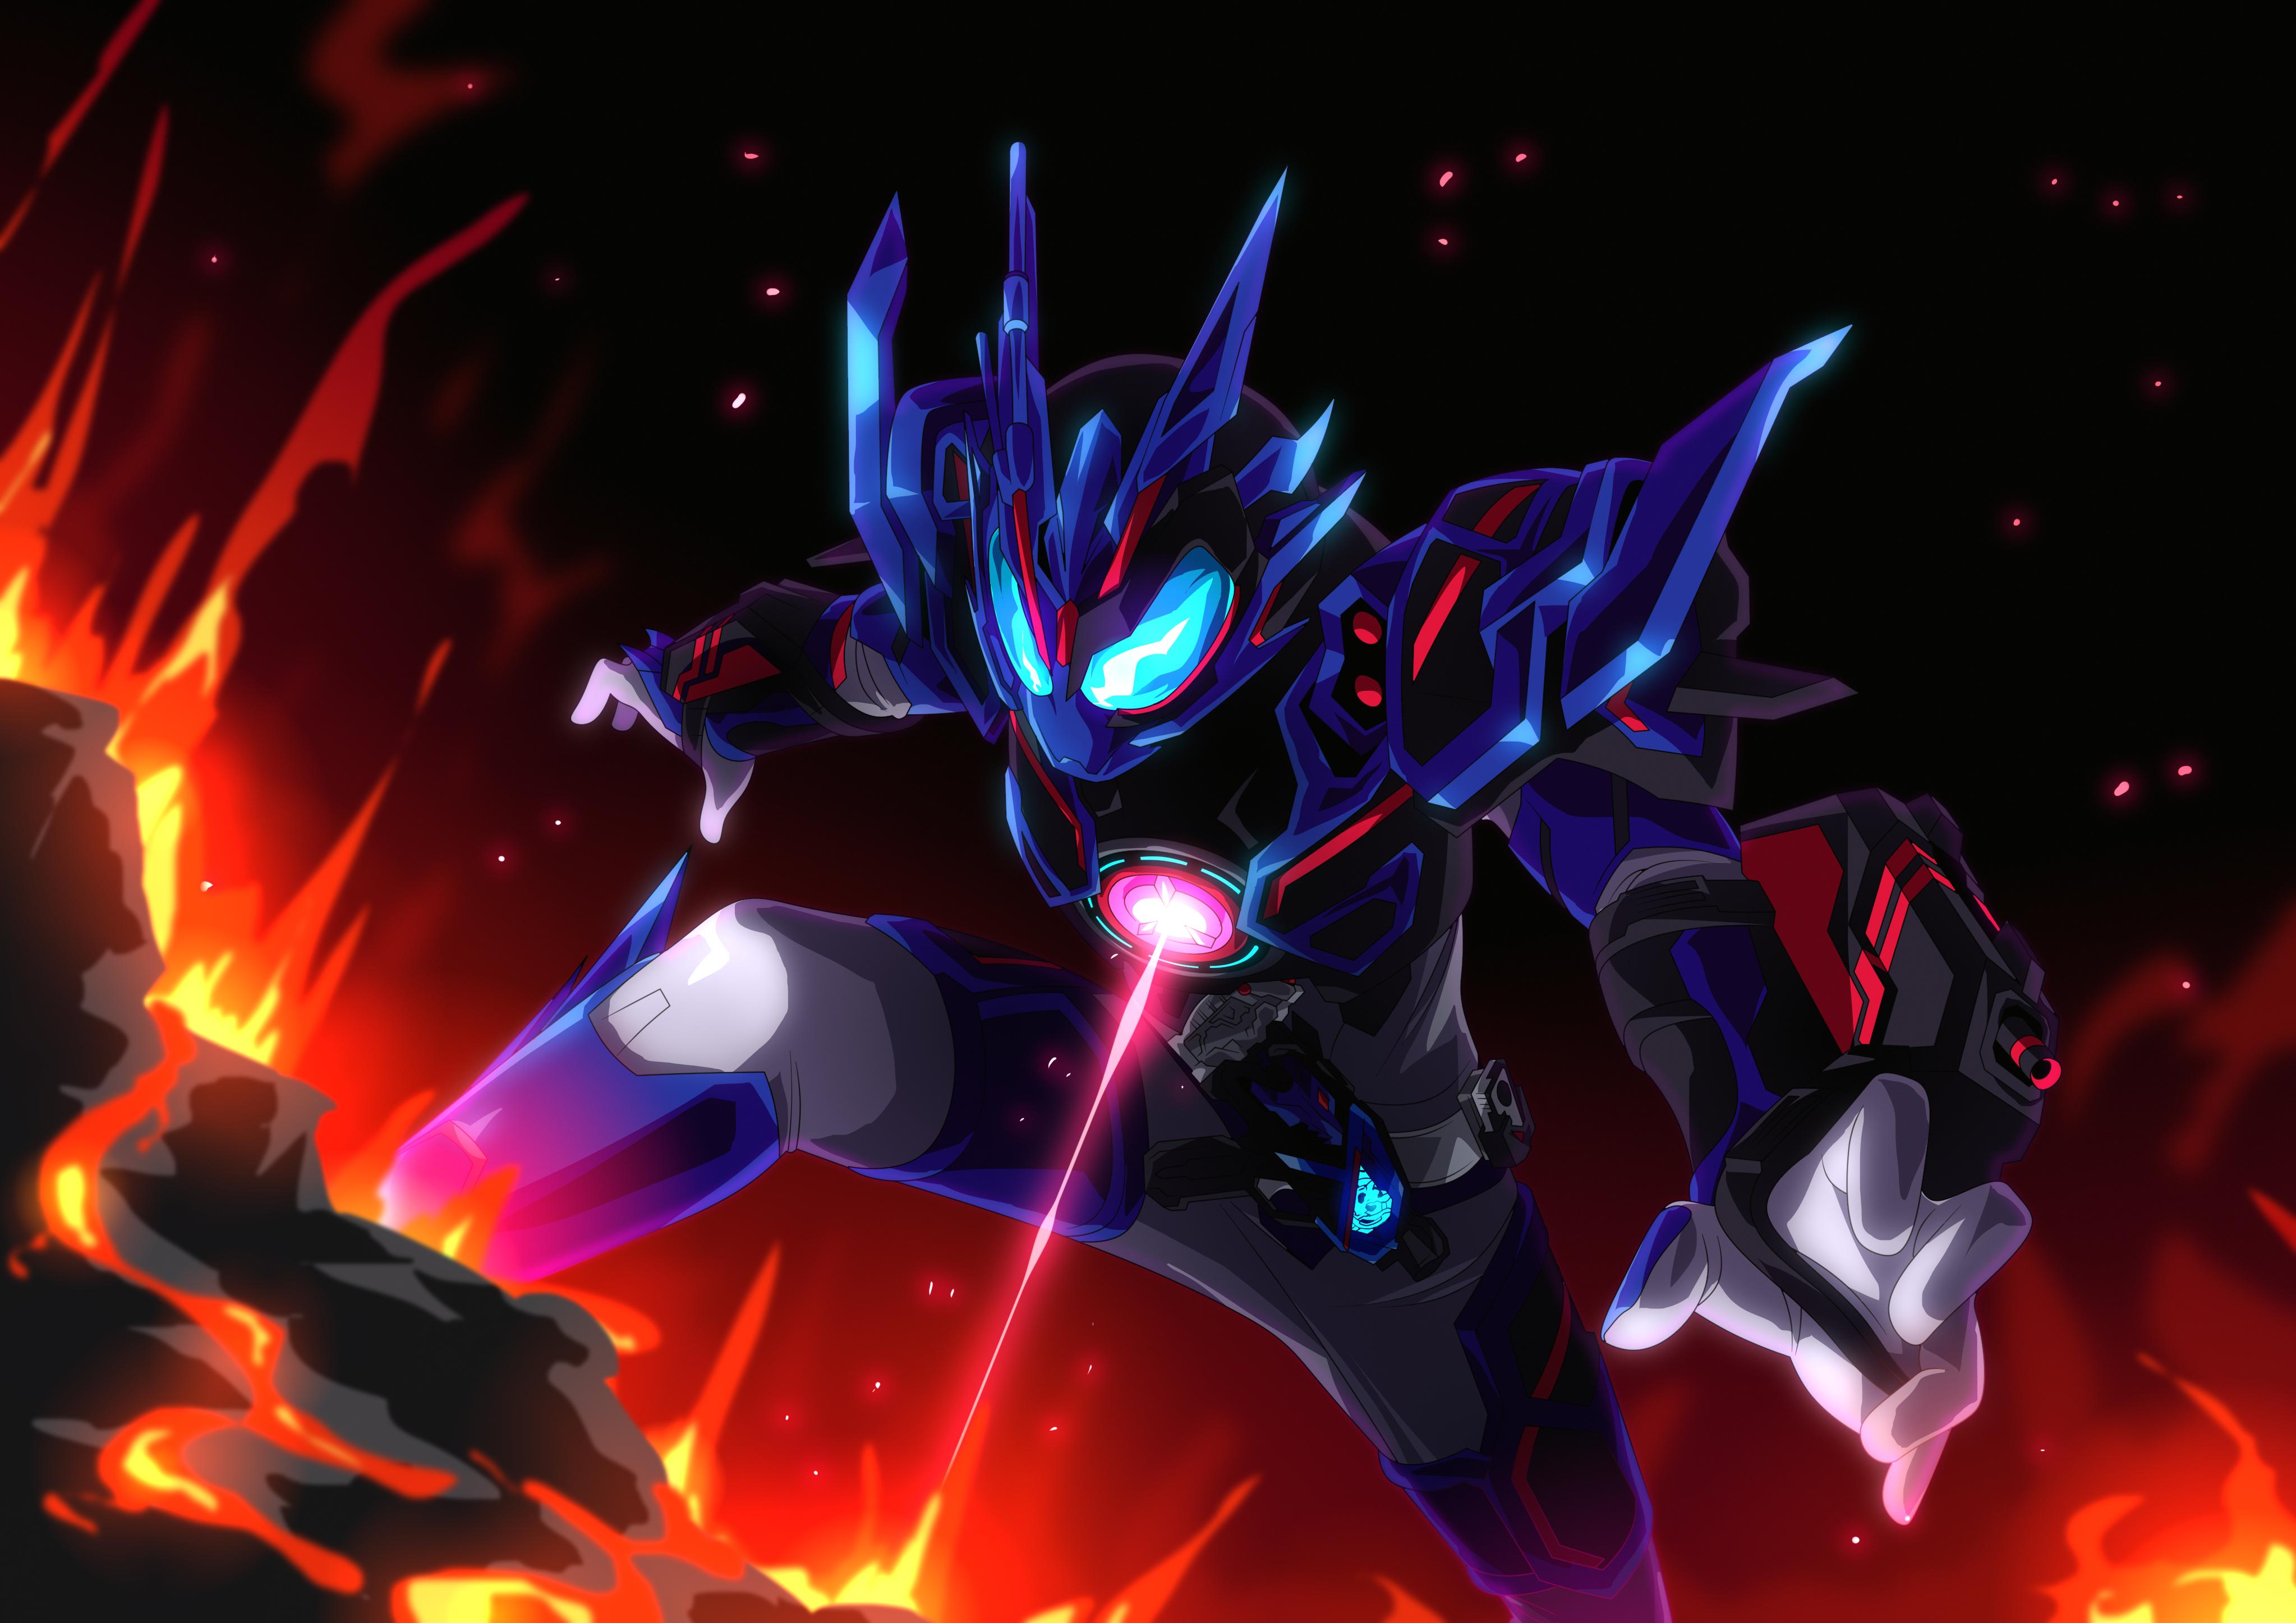 Vulcan Assault Wolf Kamen Rider Wizard Kamen Rider Decade Kamen Rider Drive